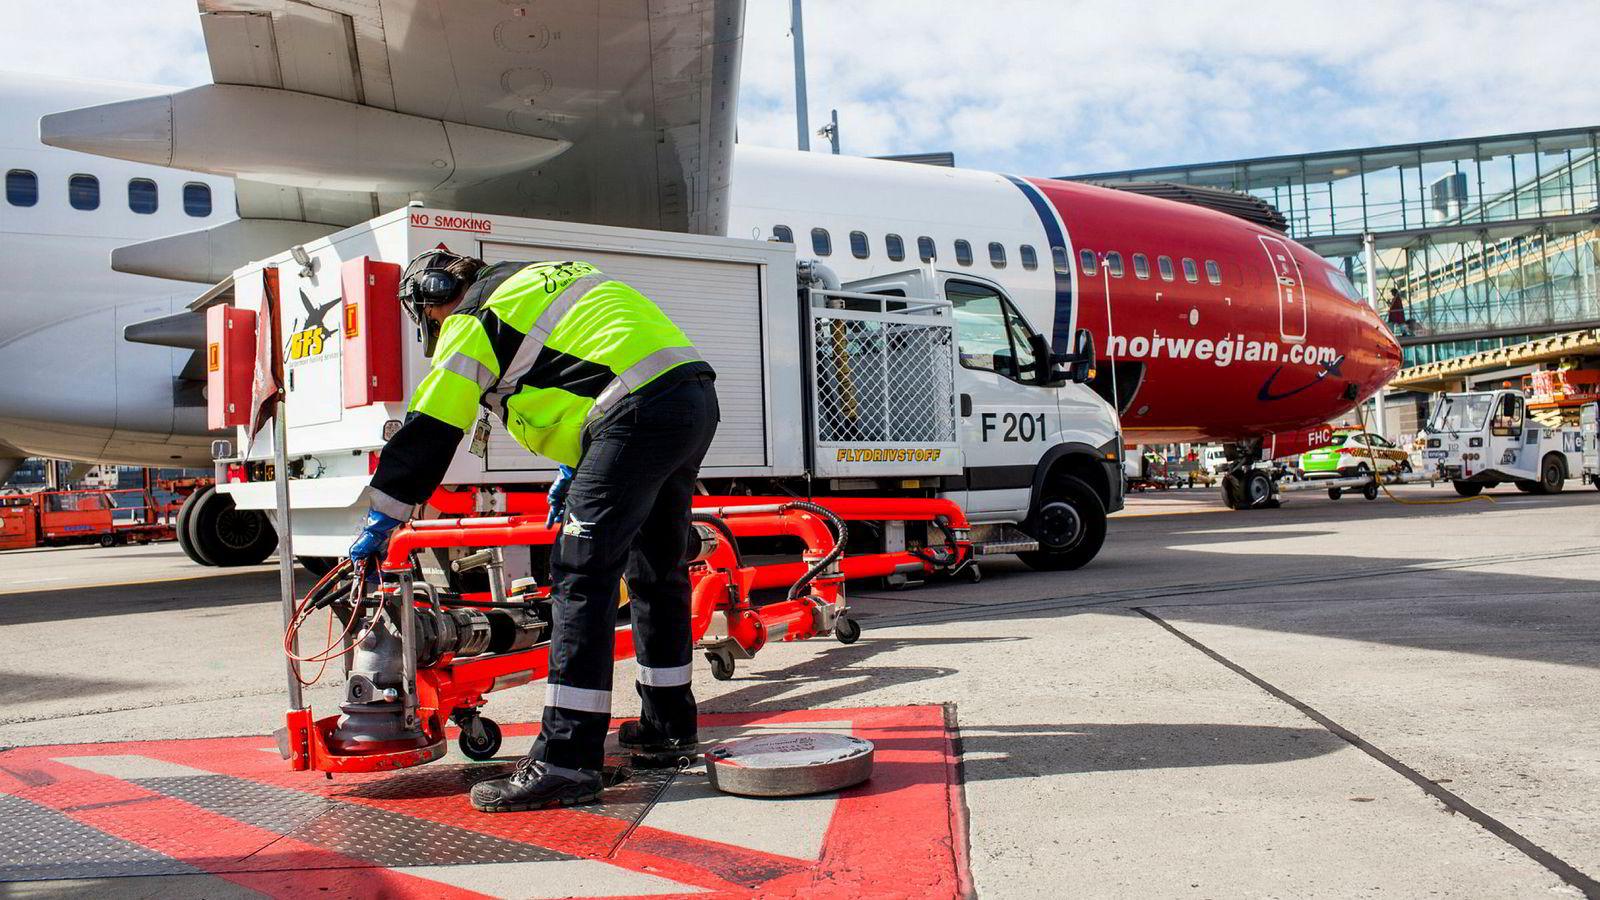 På Oslo lufthavn Gardermoen fylles flyene fortsatt med vanlig flydrivstoff. Planen var gradvis innfasing av biodrivstoff, men hittil i år er det ikke fylt én dråpe med det.